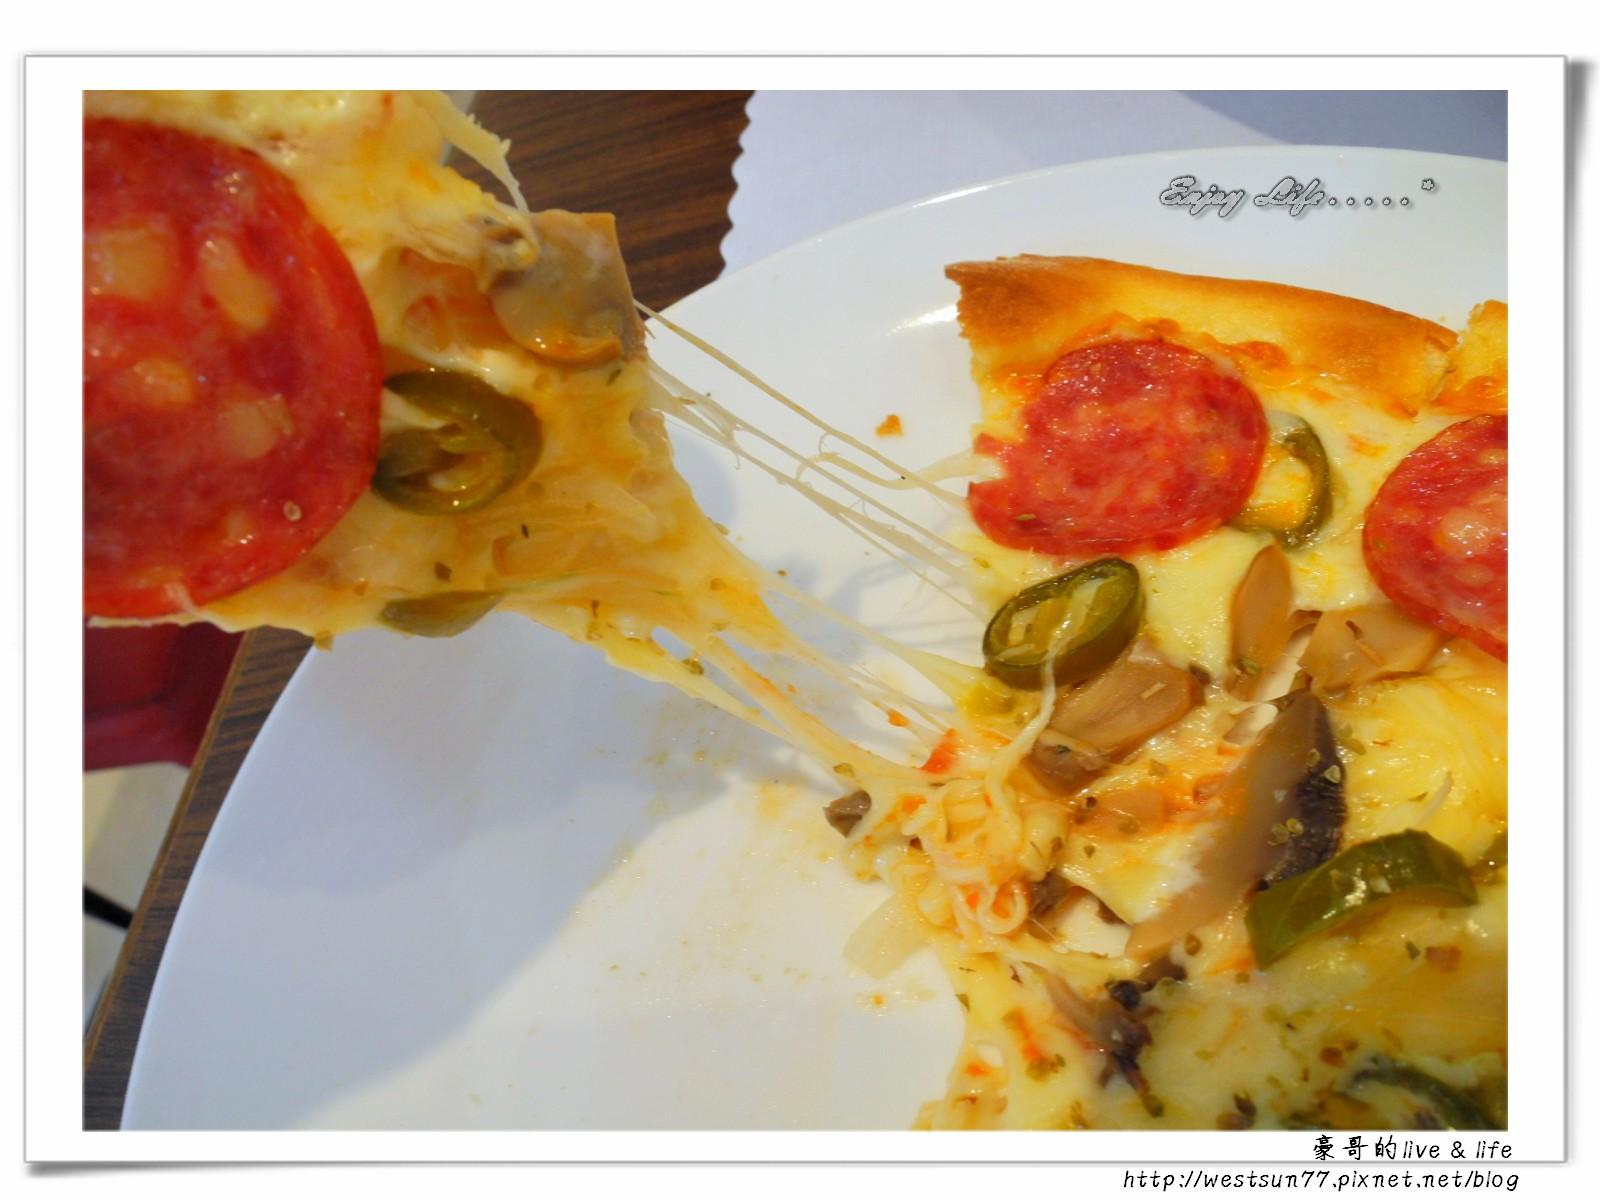 愛米琪義廚坊餐廳14.jpg